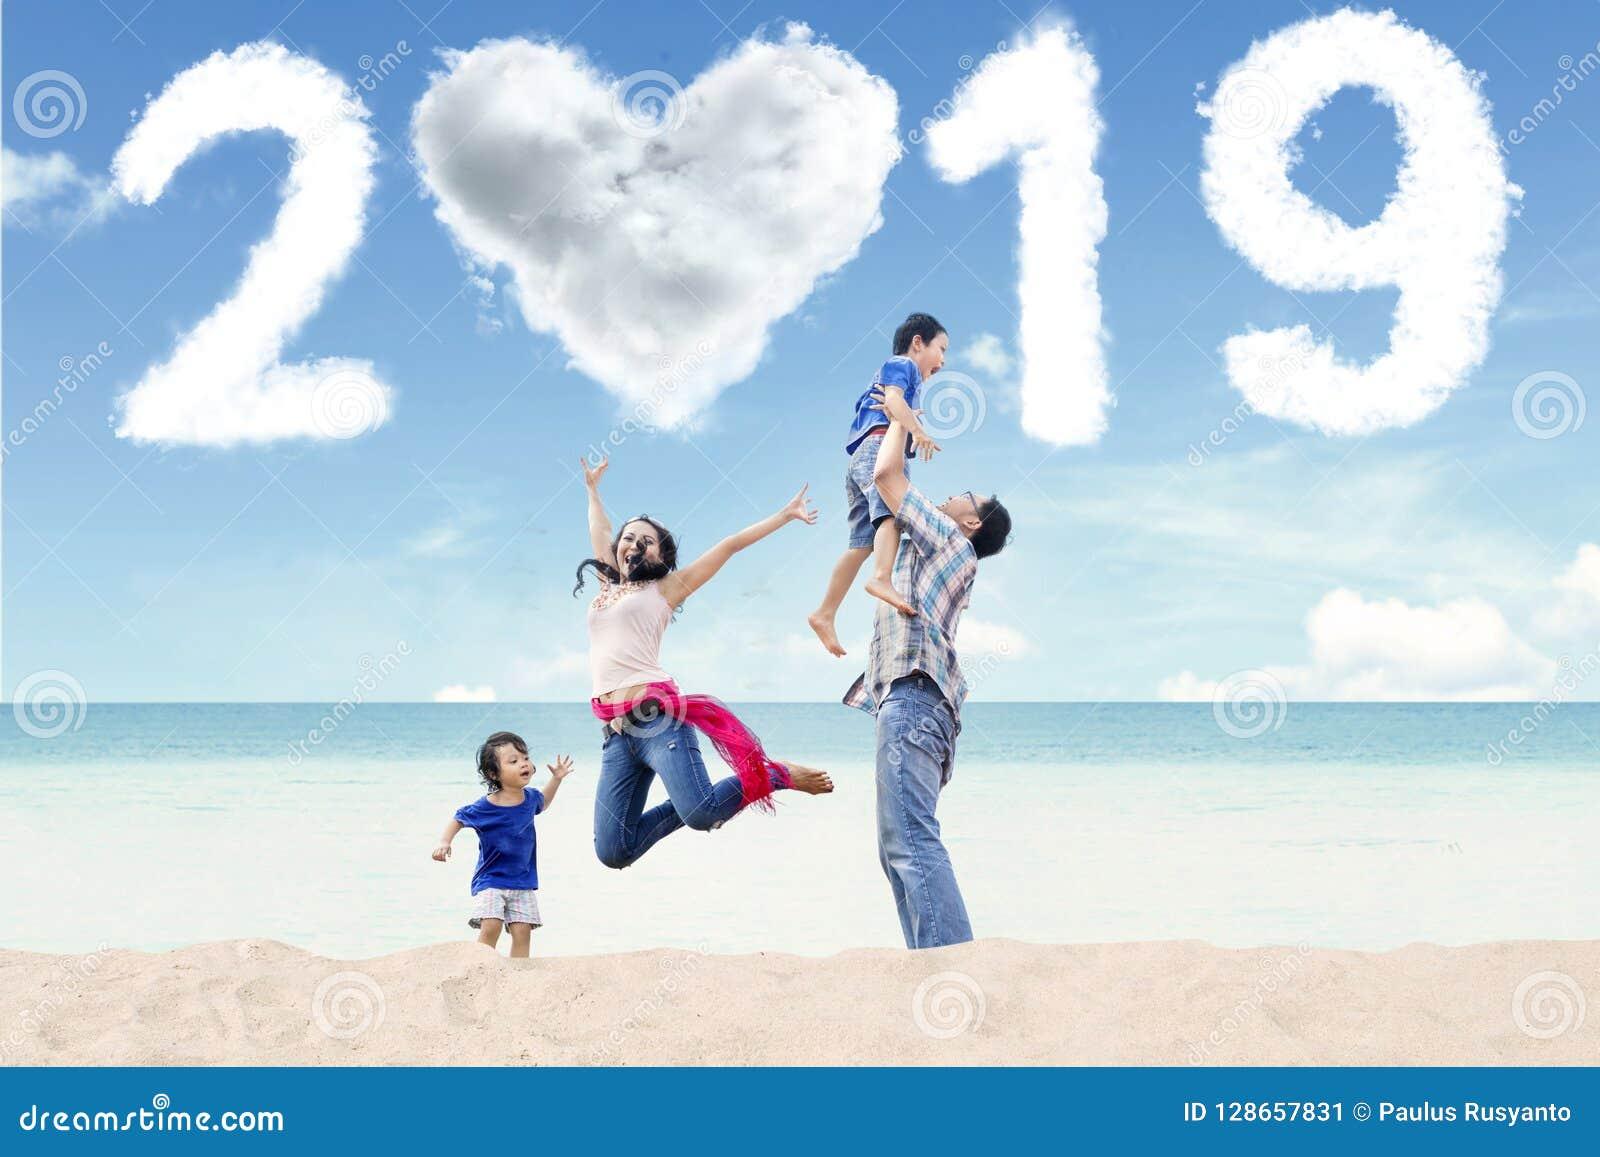 Azjatycka rodzina z liczbą 2019 na plaży